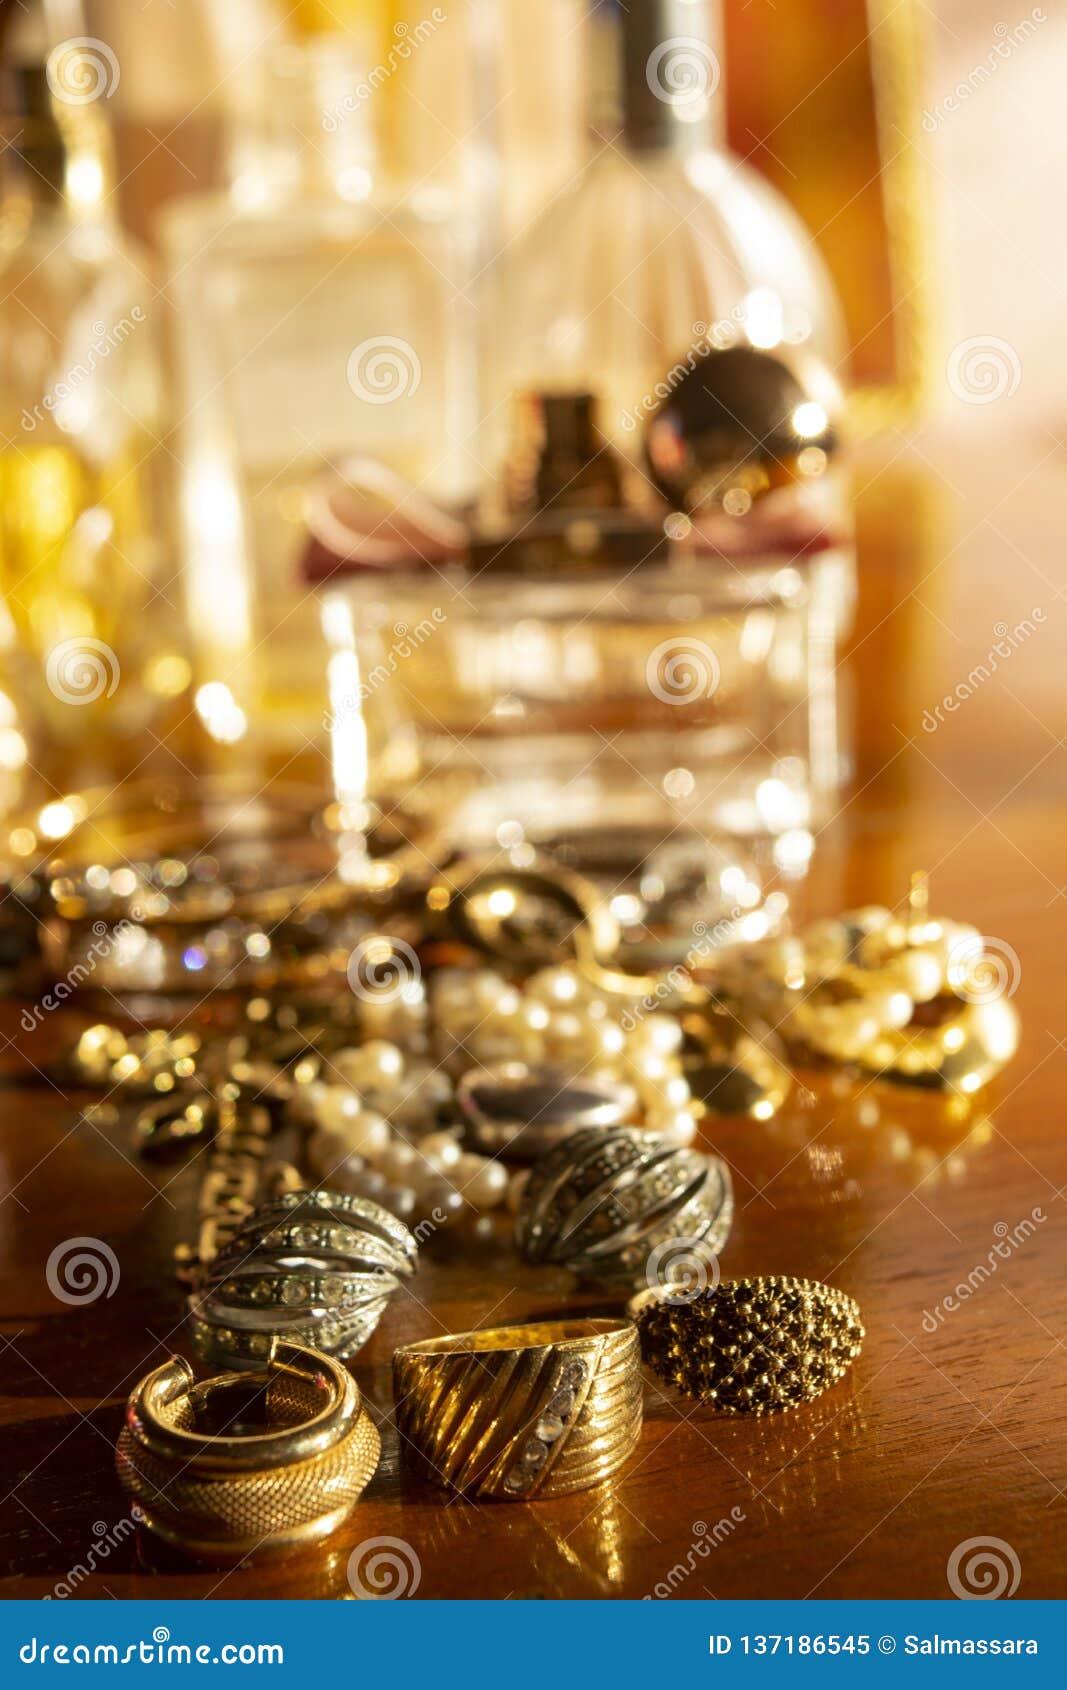 Goldjuwelen auf einer hölzernen Fläche